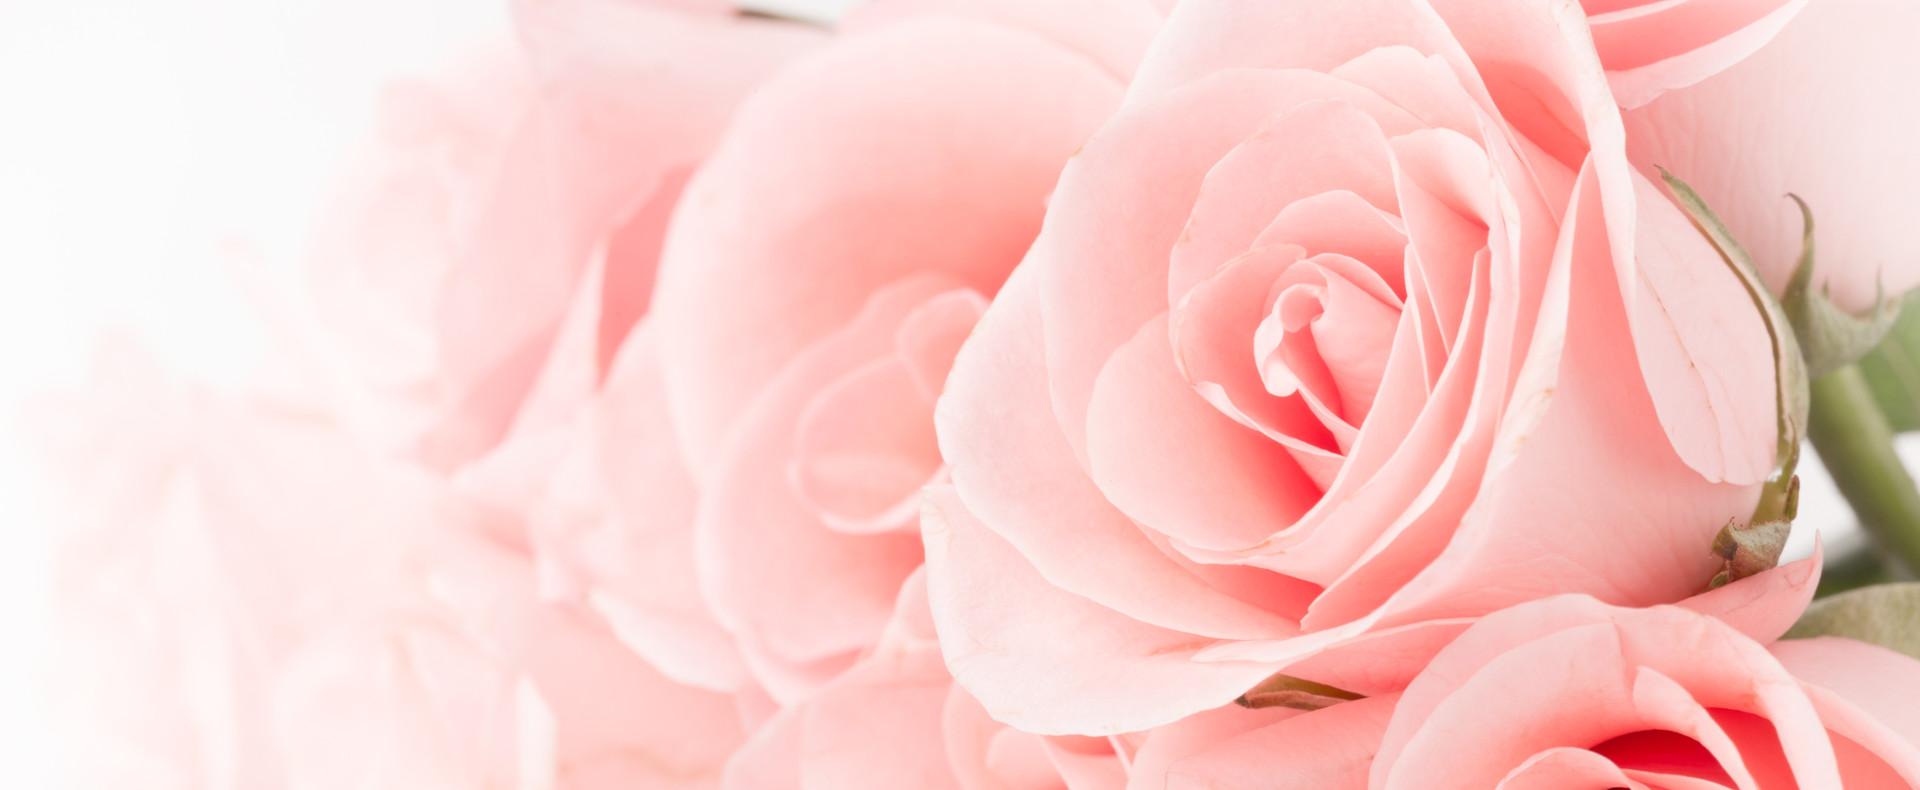 Strickler Blumen Gaerten (4)